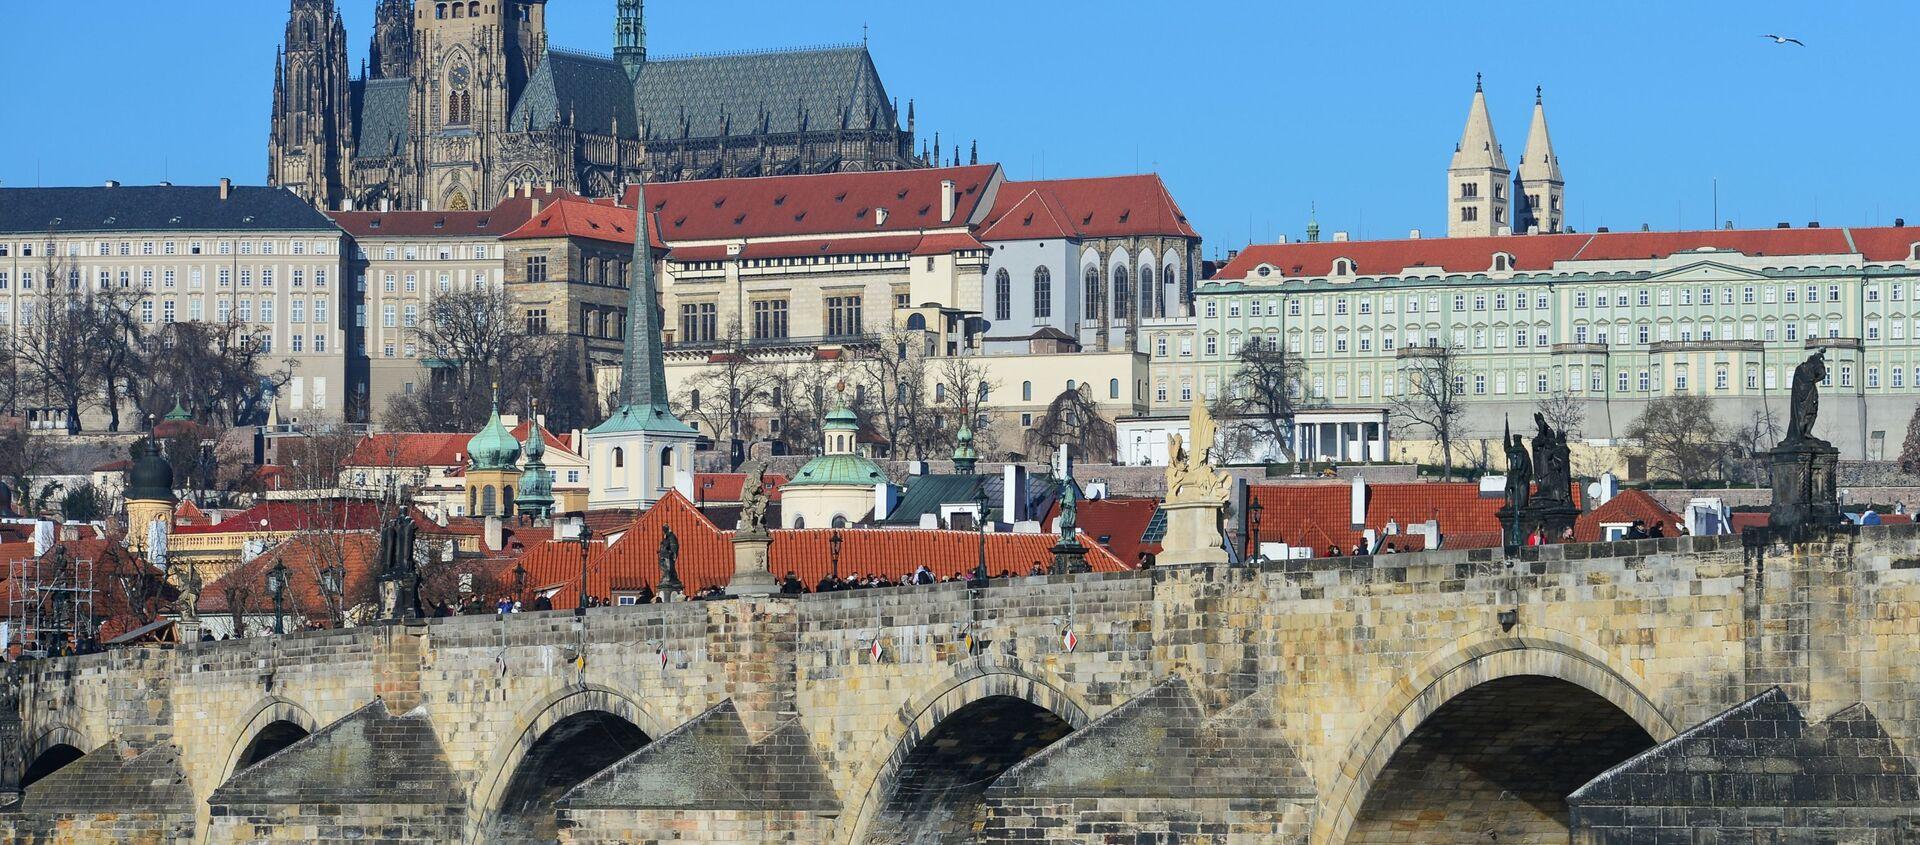 Karlův most v Praze. Ilustrační foto - Sputnik Česká republika, 1920, 13.03.2021